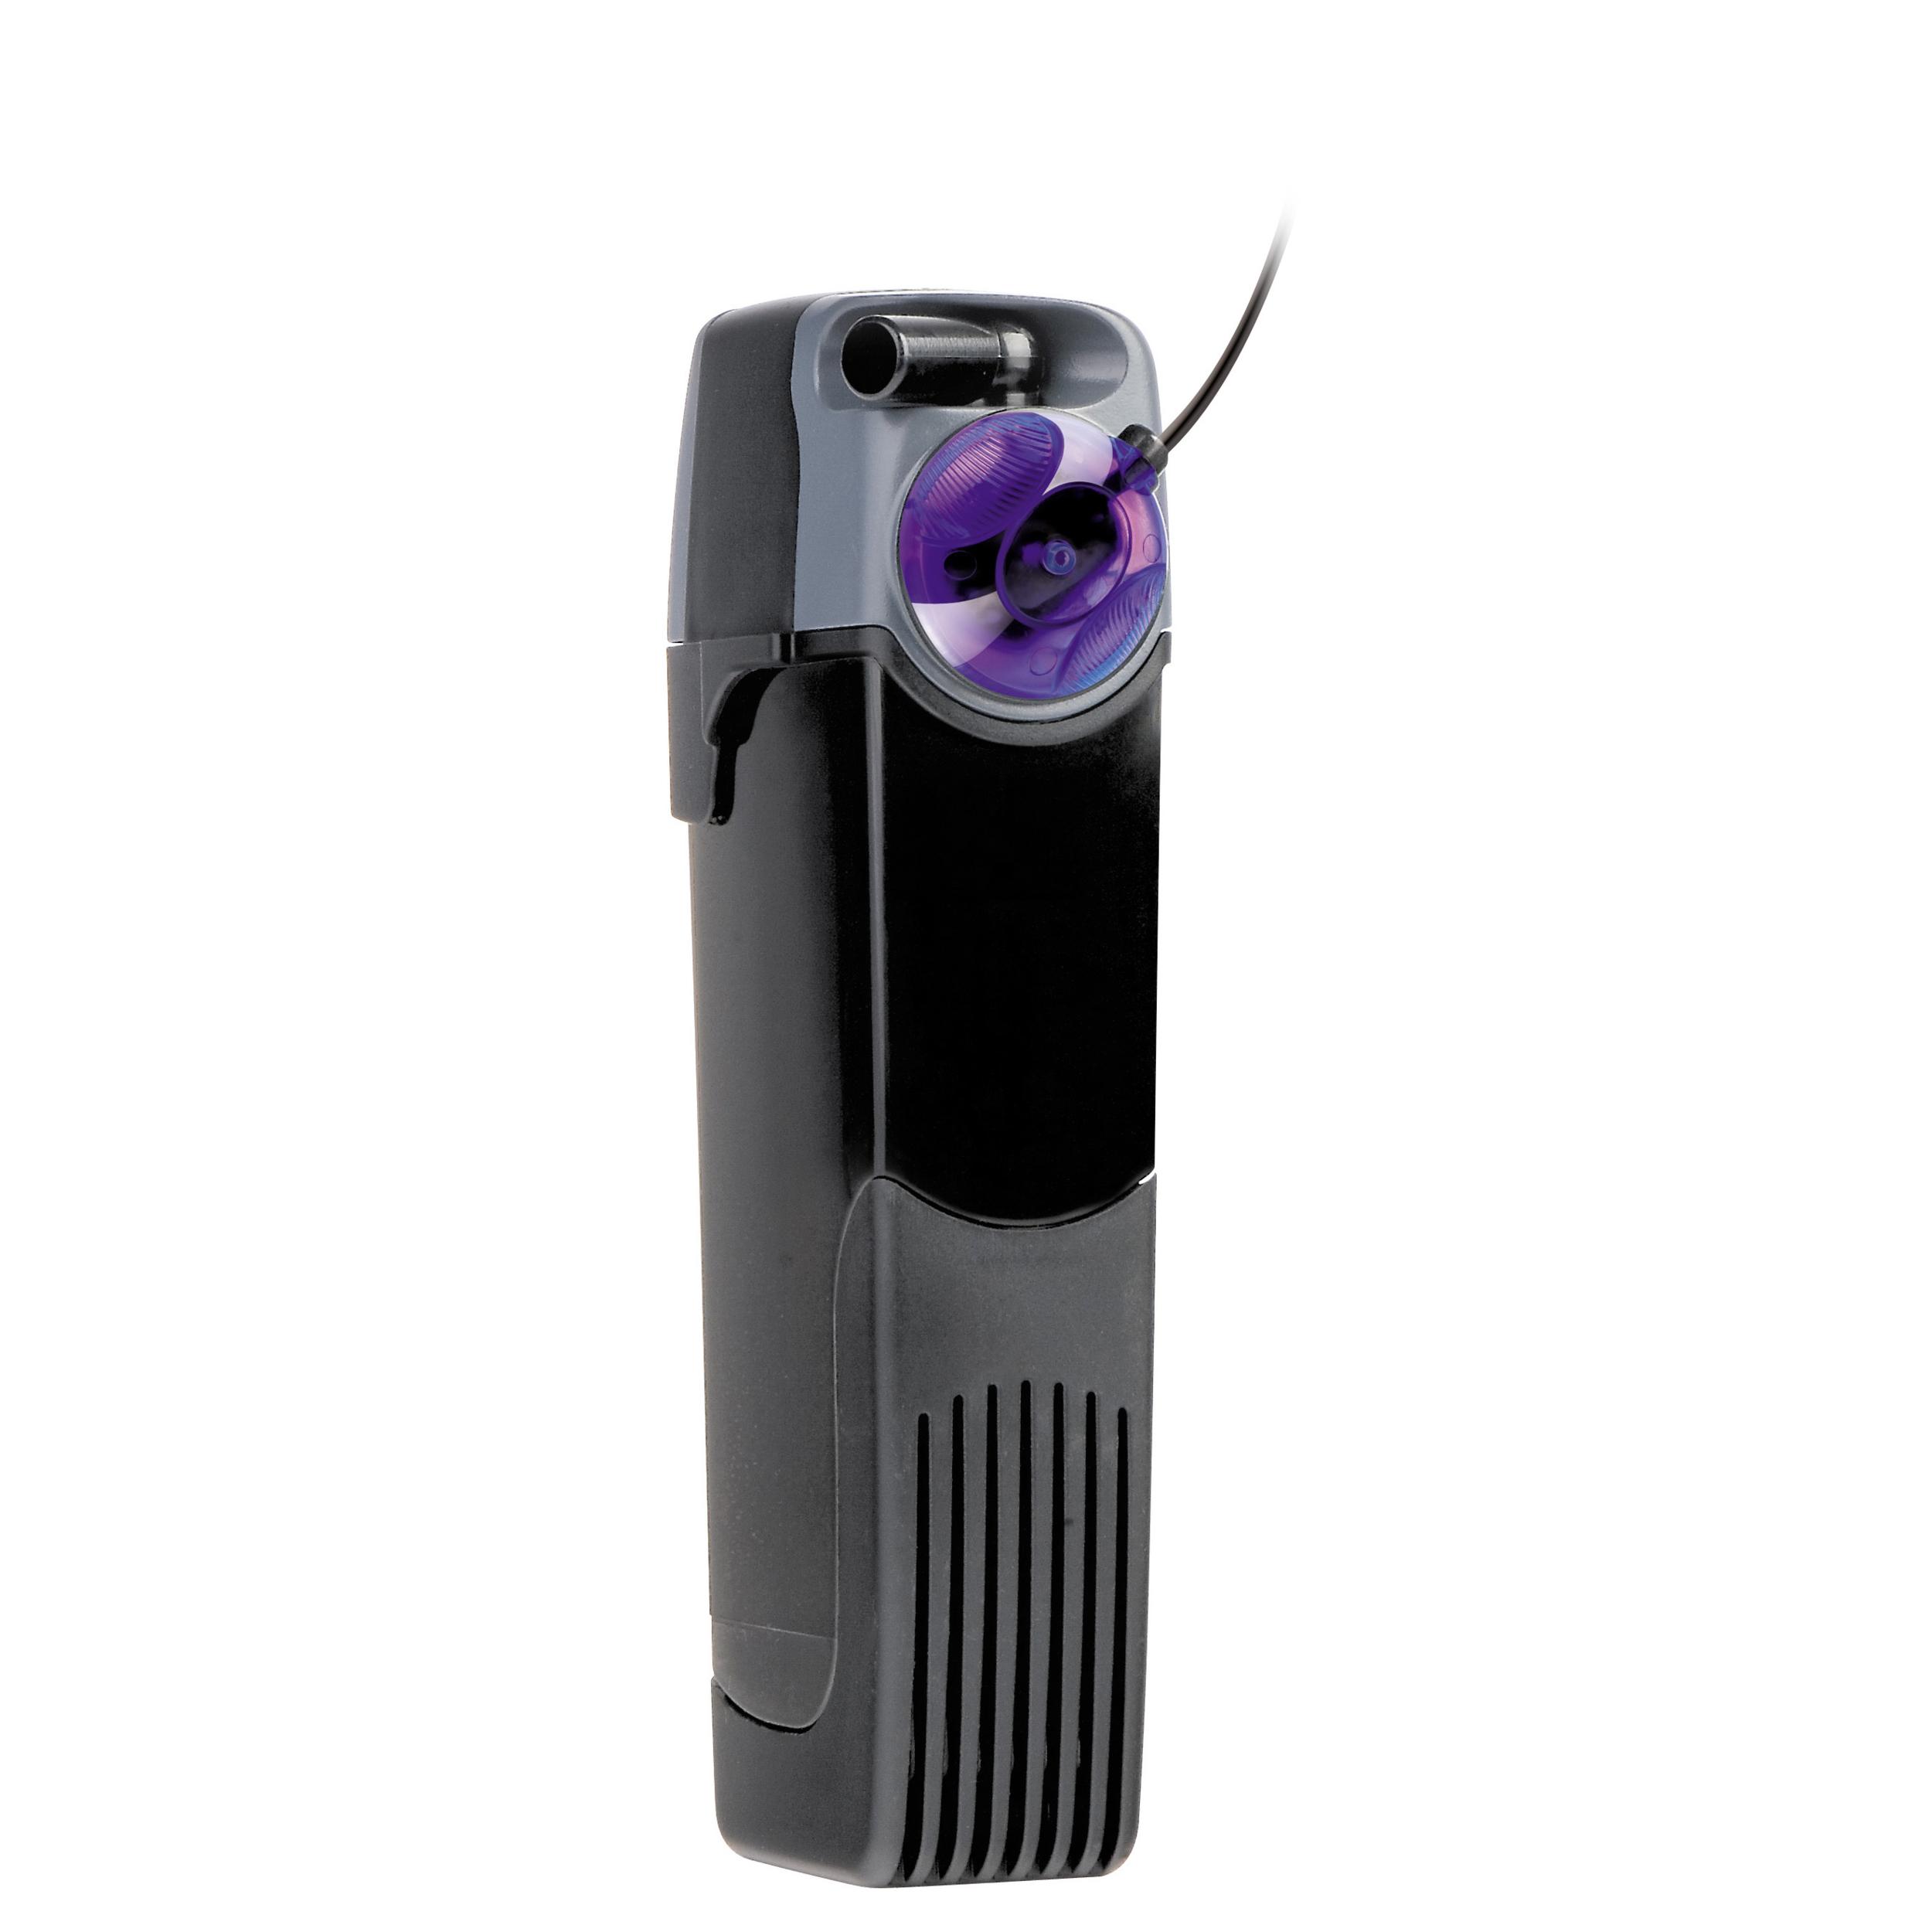 AQUAEL Unifilter UV-C 500 filtre interne avec stérilisateur UV-C leds intégré pour aquarium de 100 à 200L